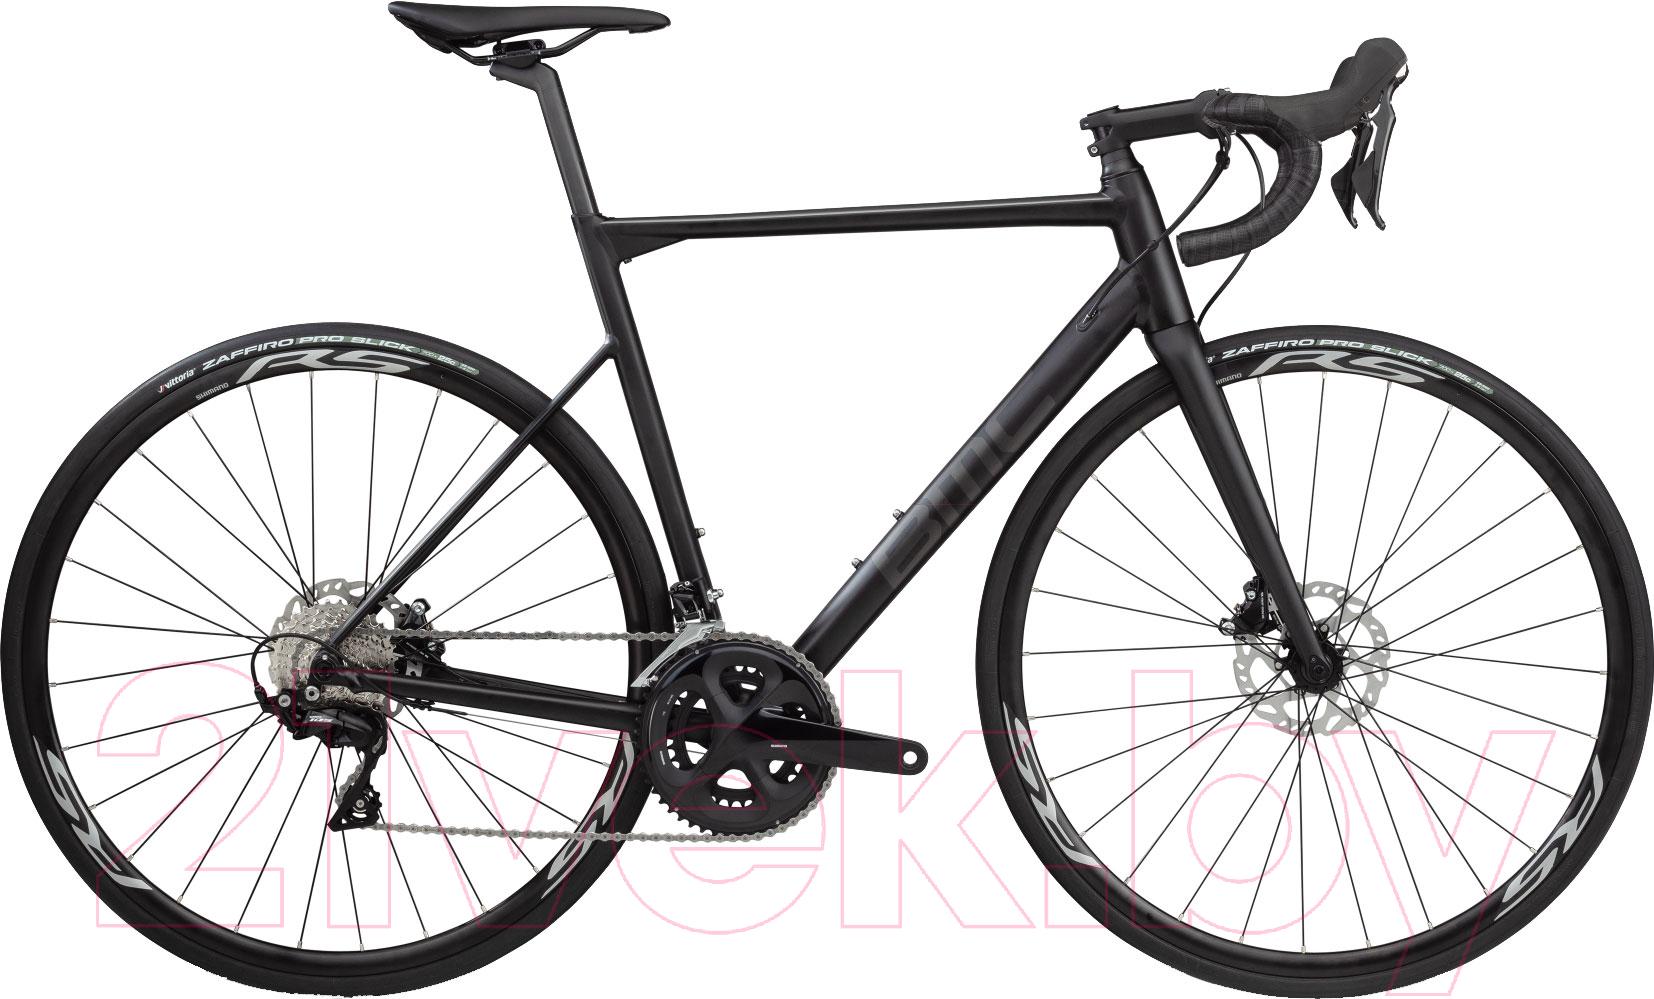 Купить Велосипед BMC, Teammachine ALR Disc One 105 2019 / ALRDiscOne (54, черный/серый/серый), Швейцария